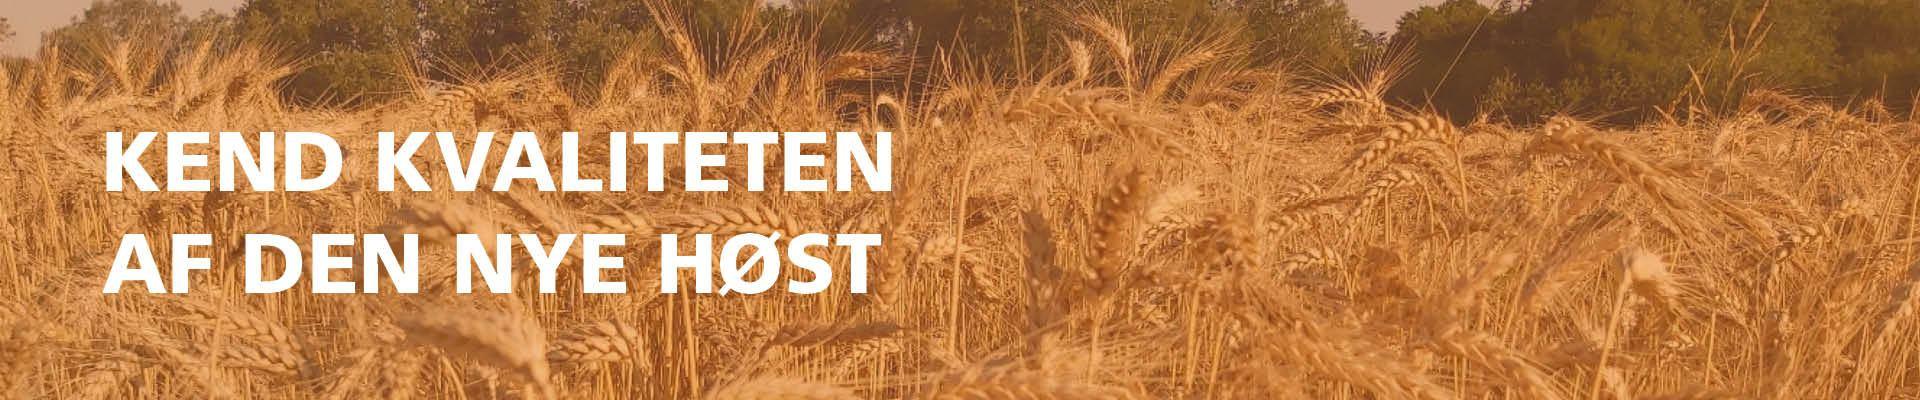 Kend kvaliteten af den nye høst med Alltech 37+